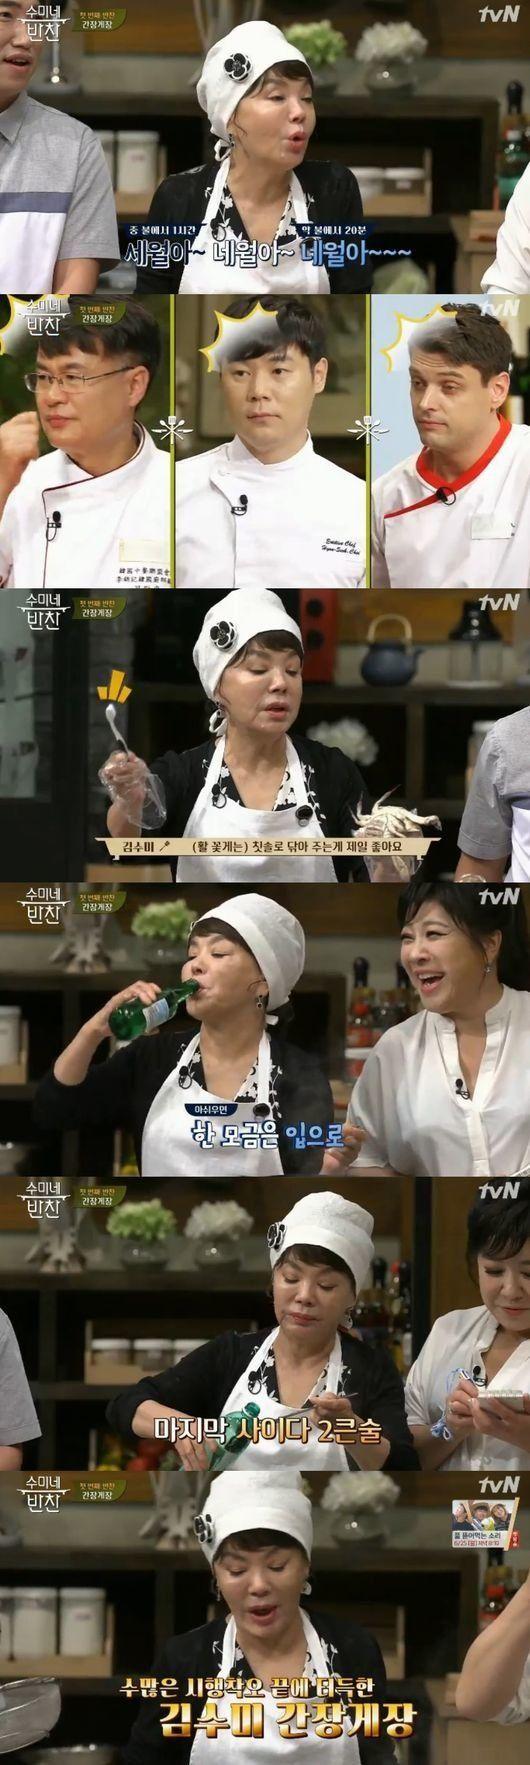 [종합]'수미네반찬' 갓수미's 시그니처, '간장게장'